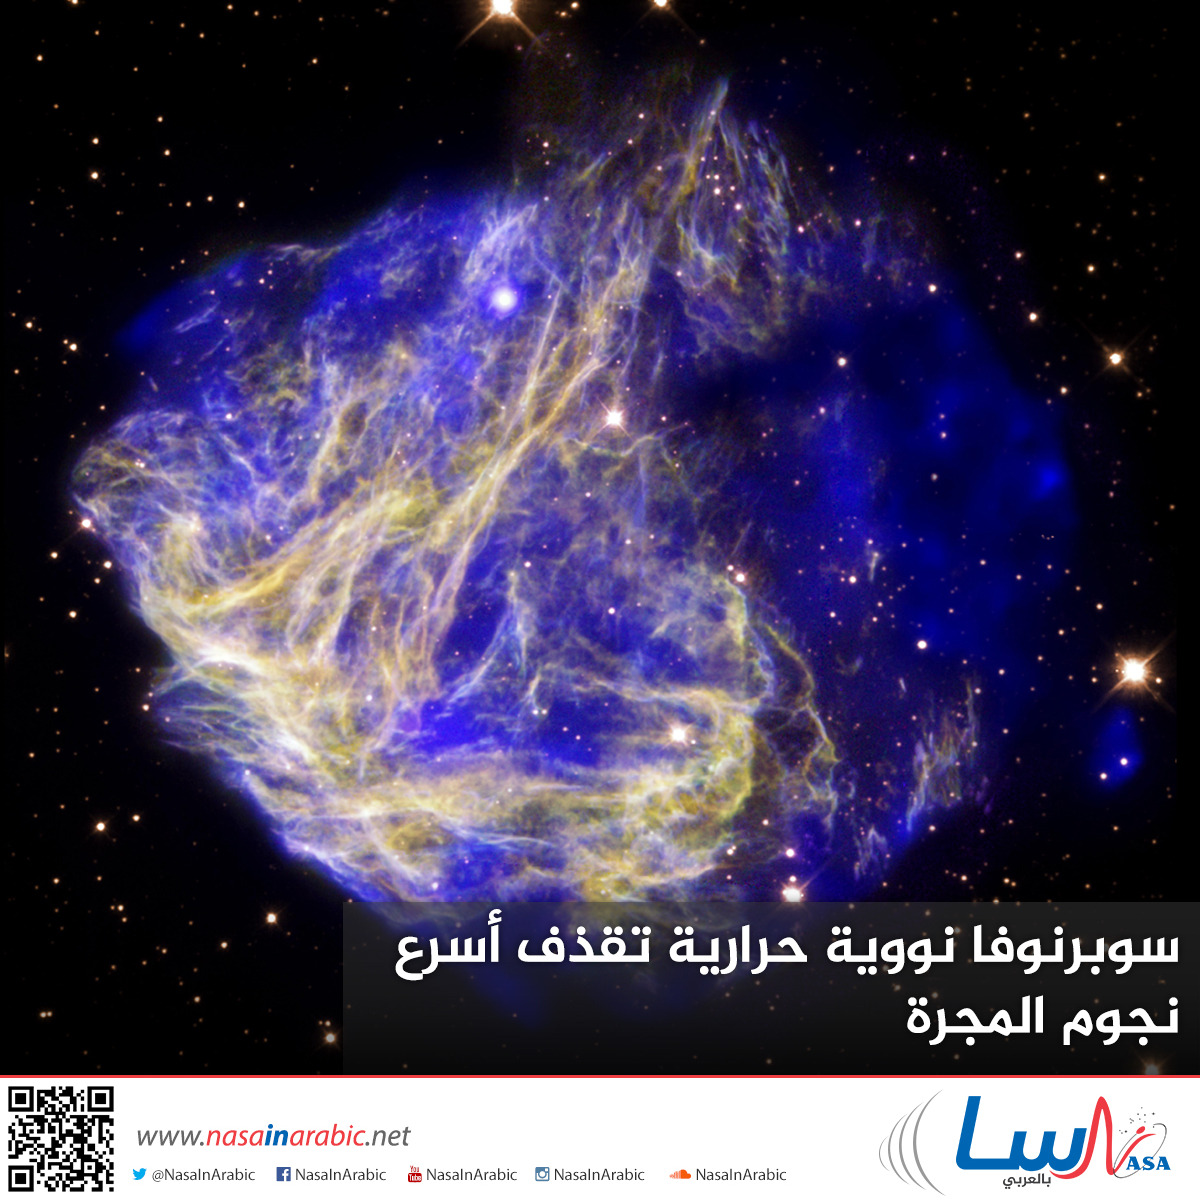 سوبرنوفا نووية حرارية تقذف أسرع نجوم المجرة